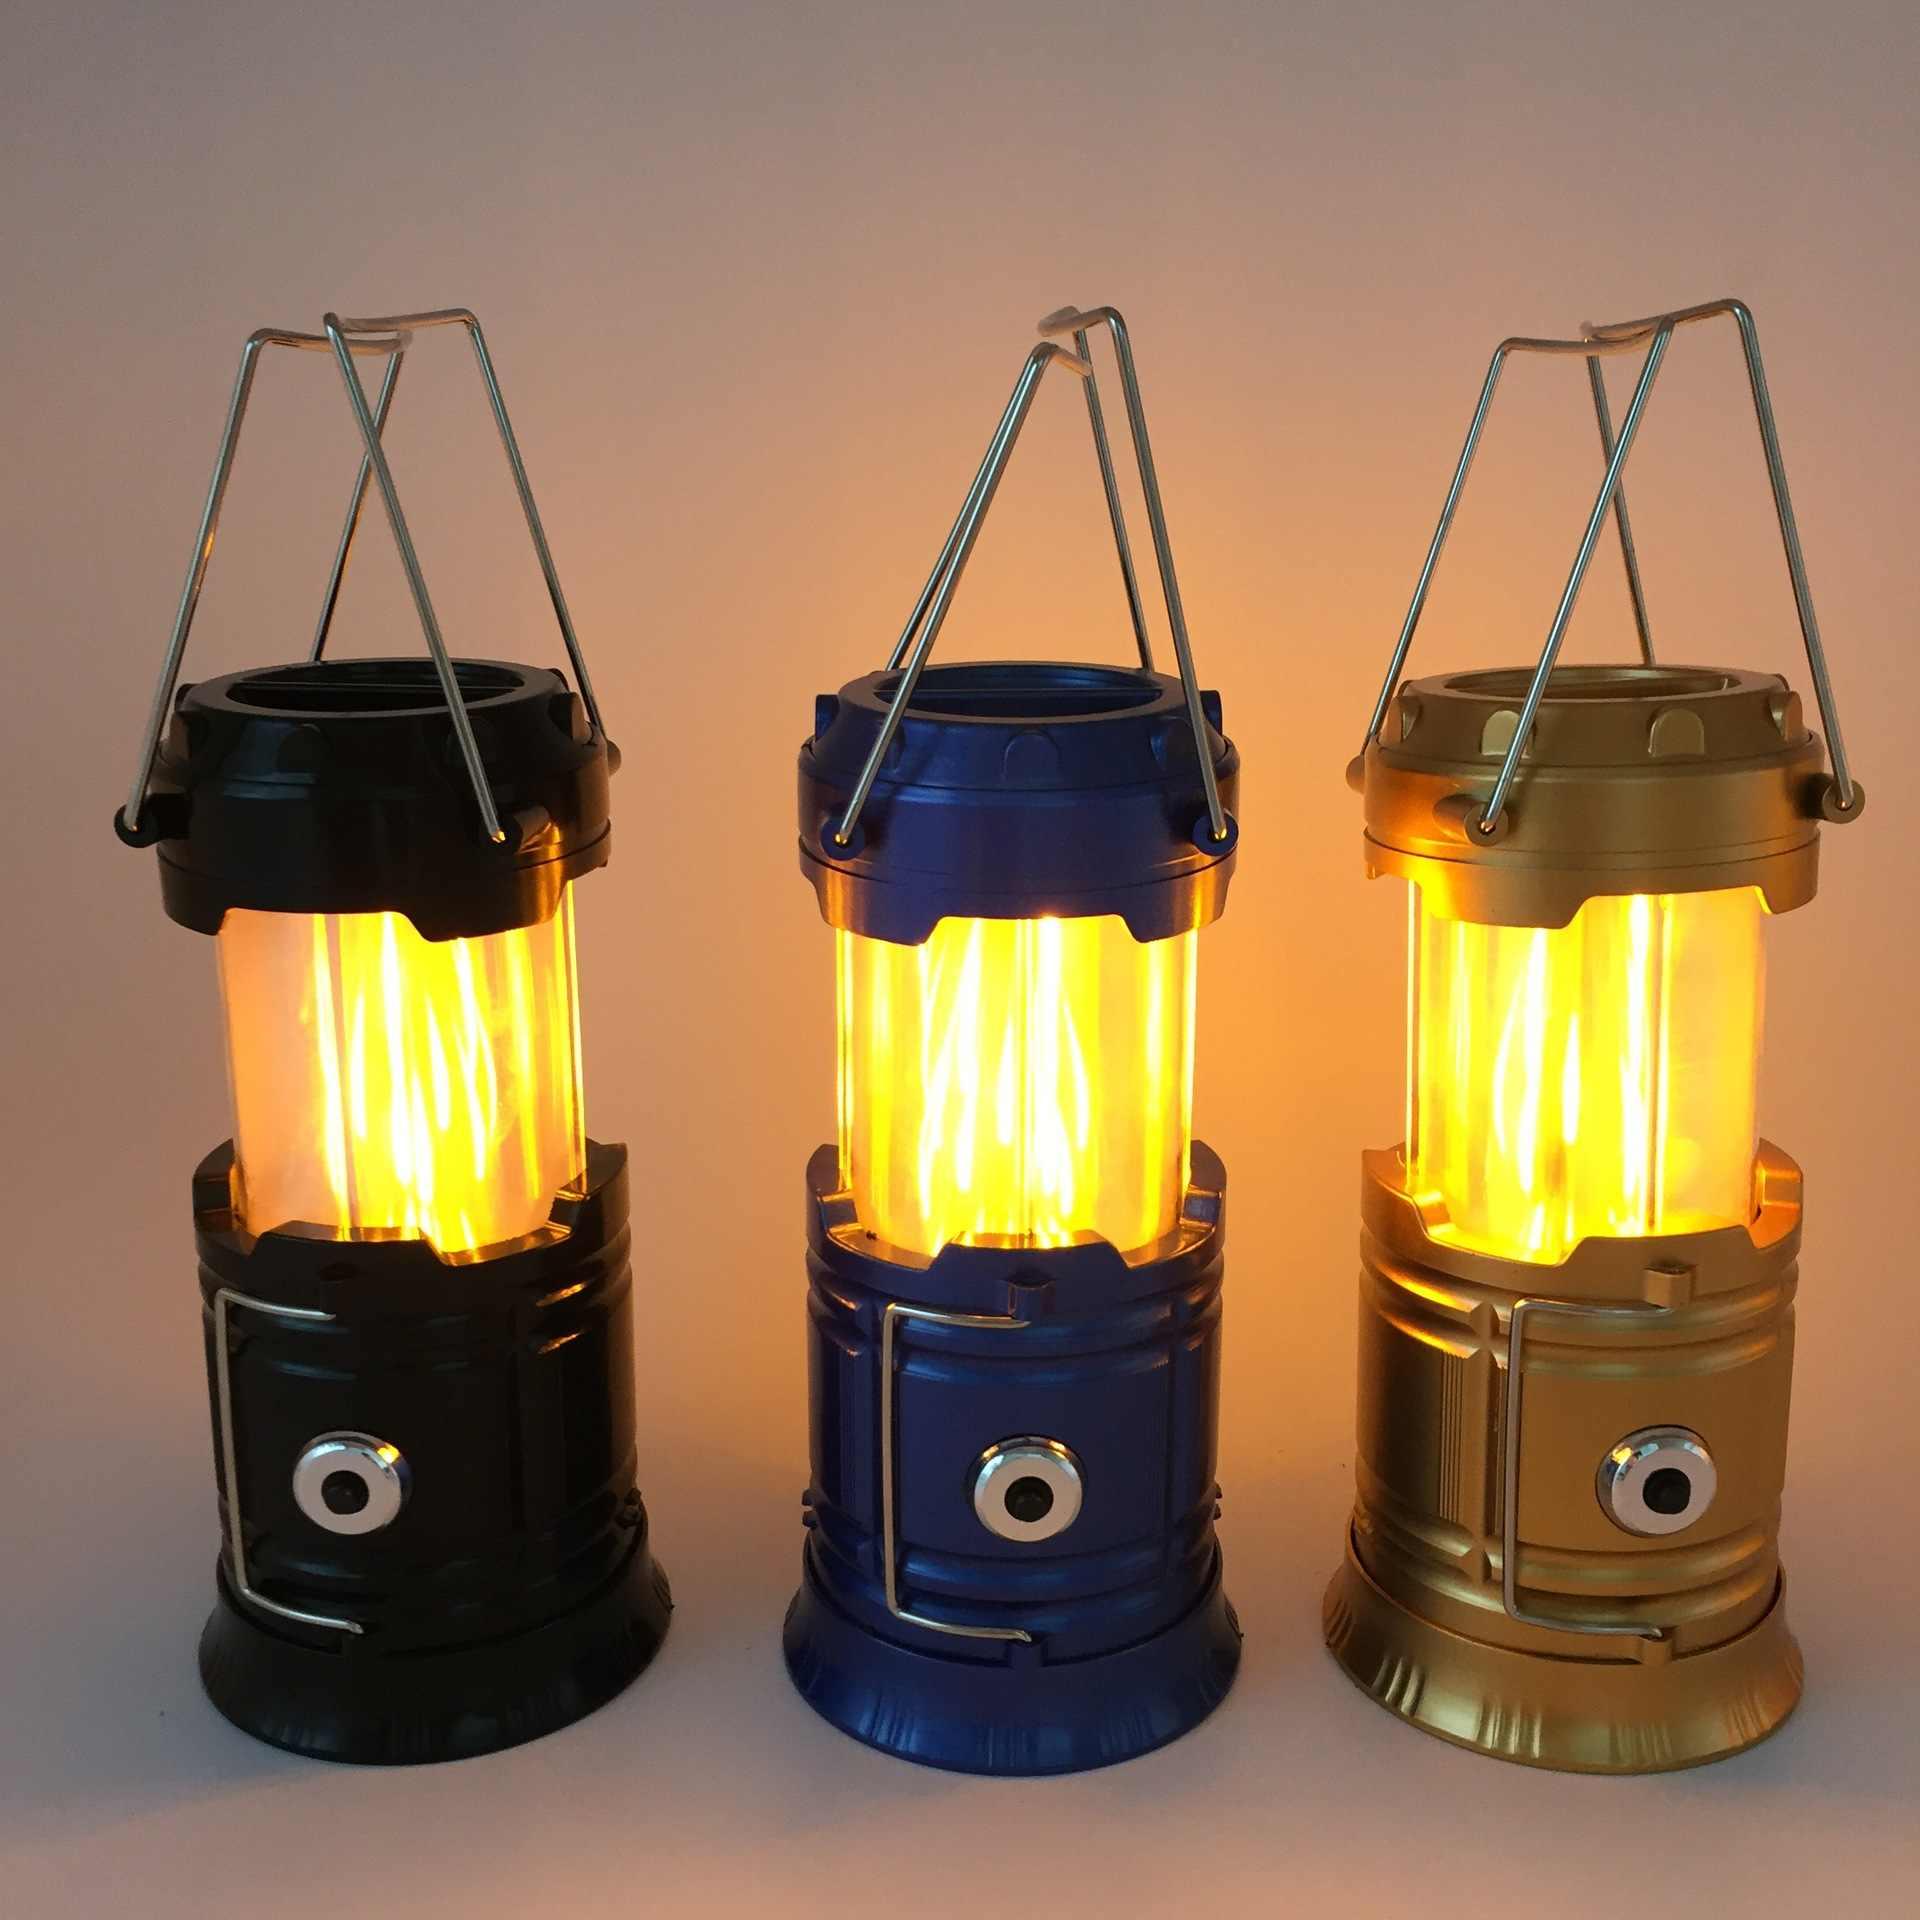 Палатки для кемпинга на открытом воздухе свет Портативный Фонари перезаряжаемая, на солнечной батарее атмосферу свет этапа бытовой пламенная лампа фонарик